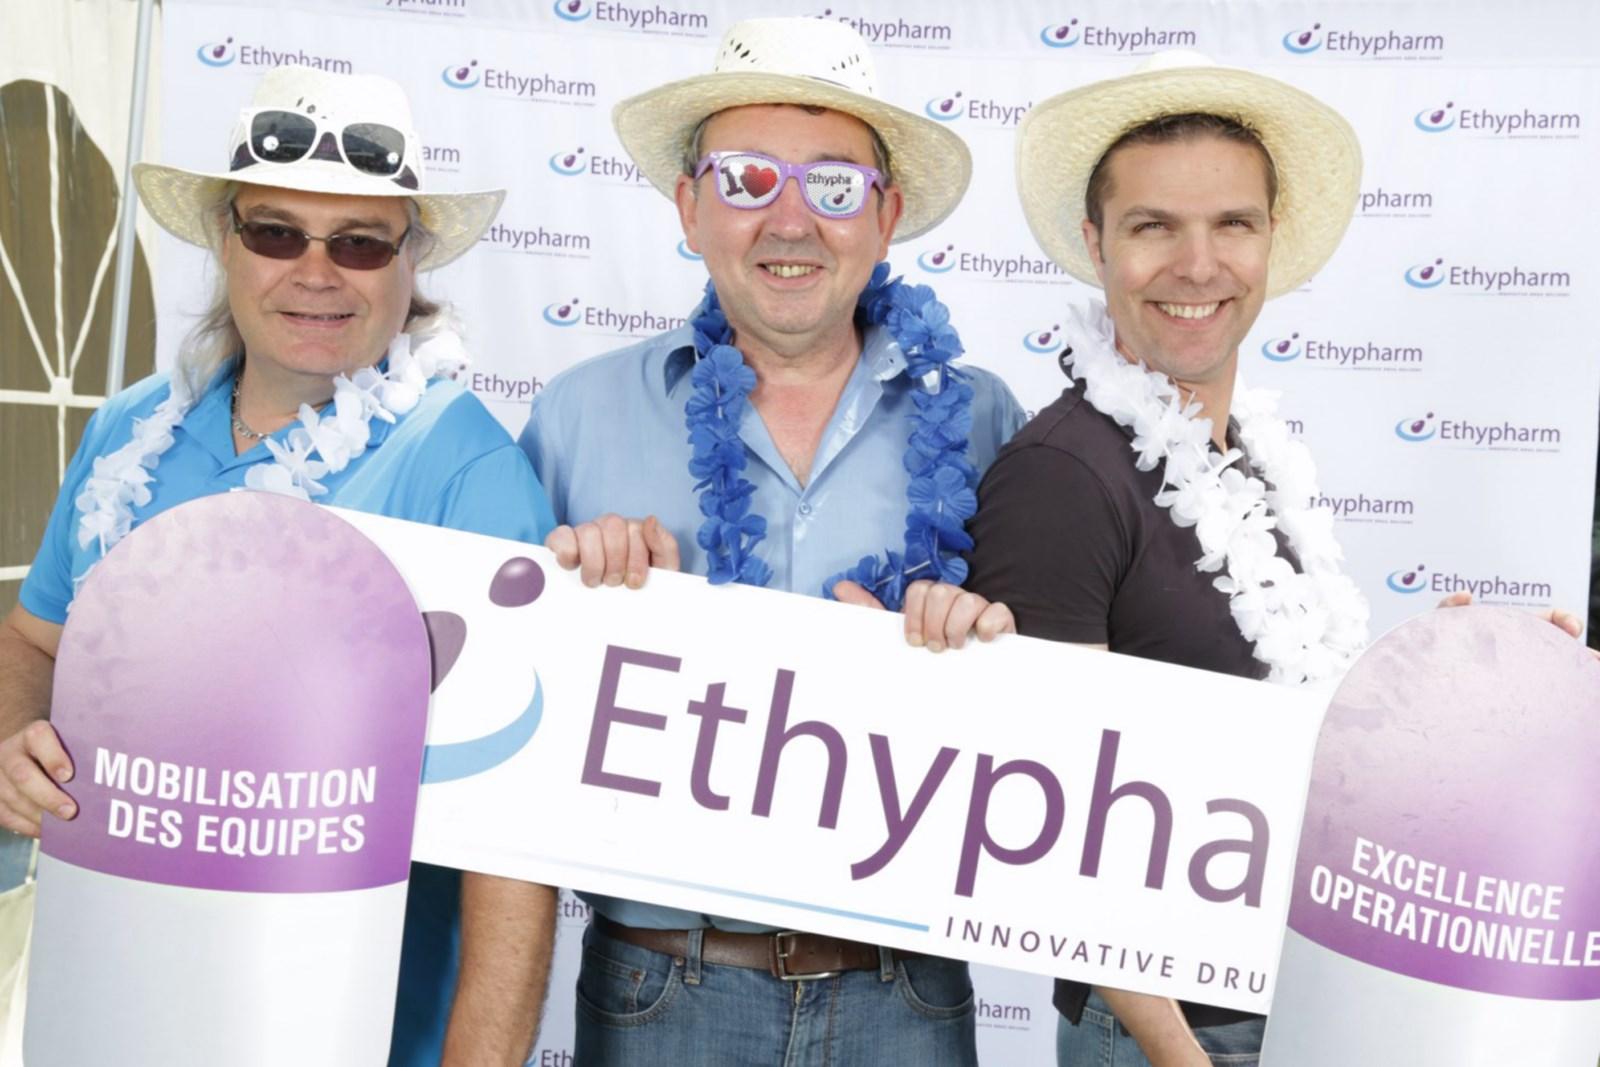 PHOTO CALL ETHYPHARM